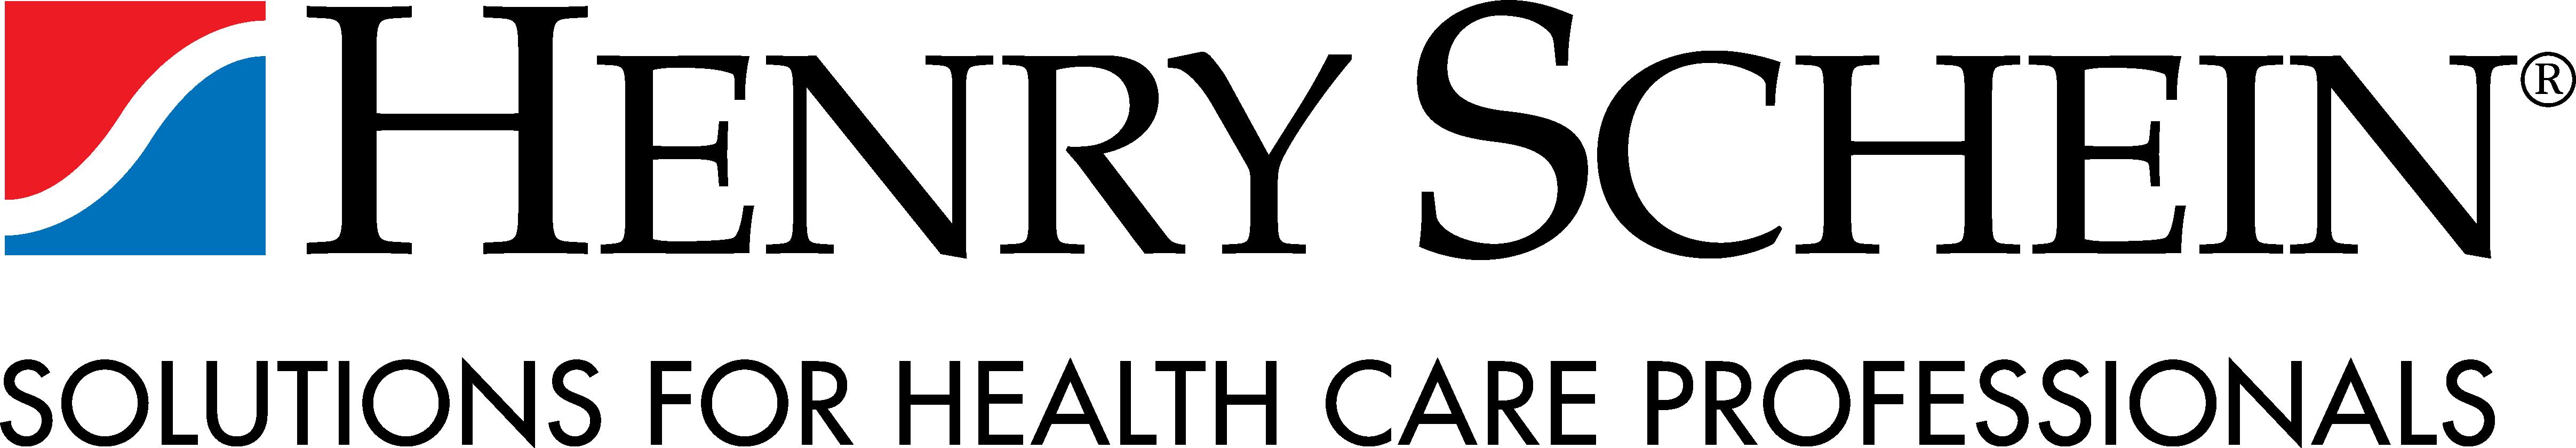 Henry Schein Logo Image